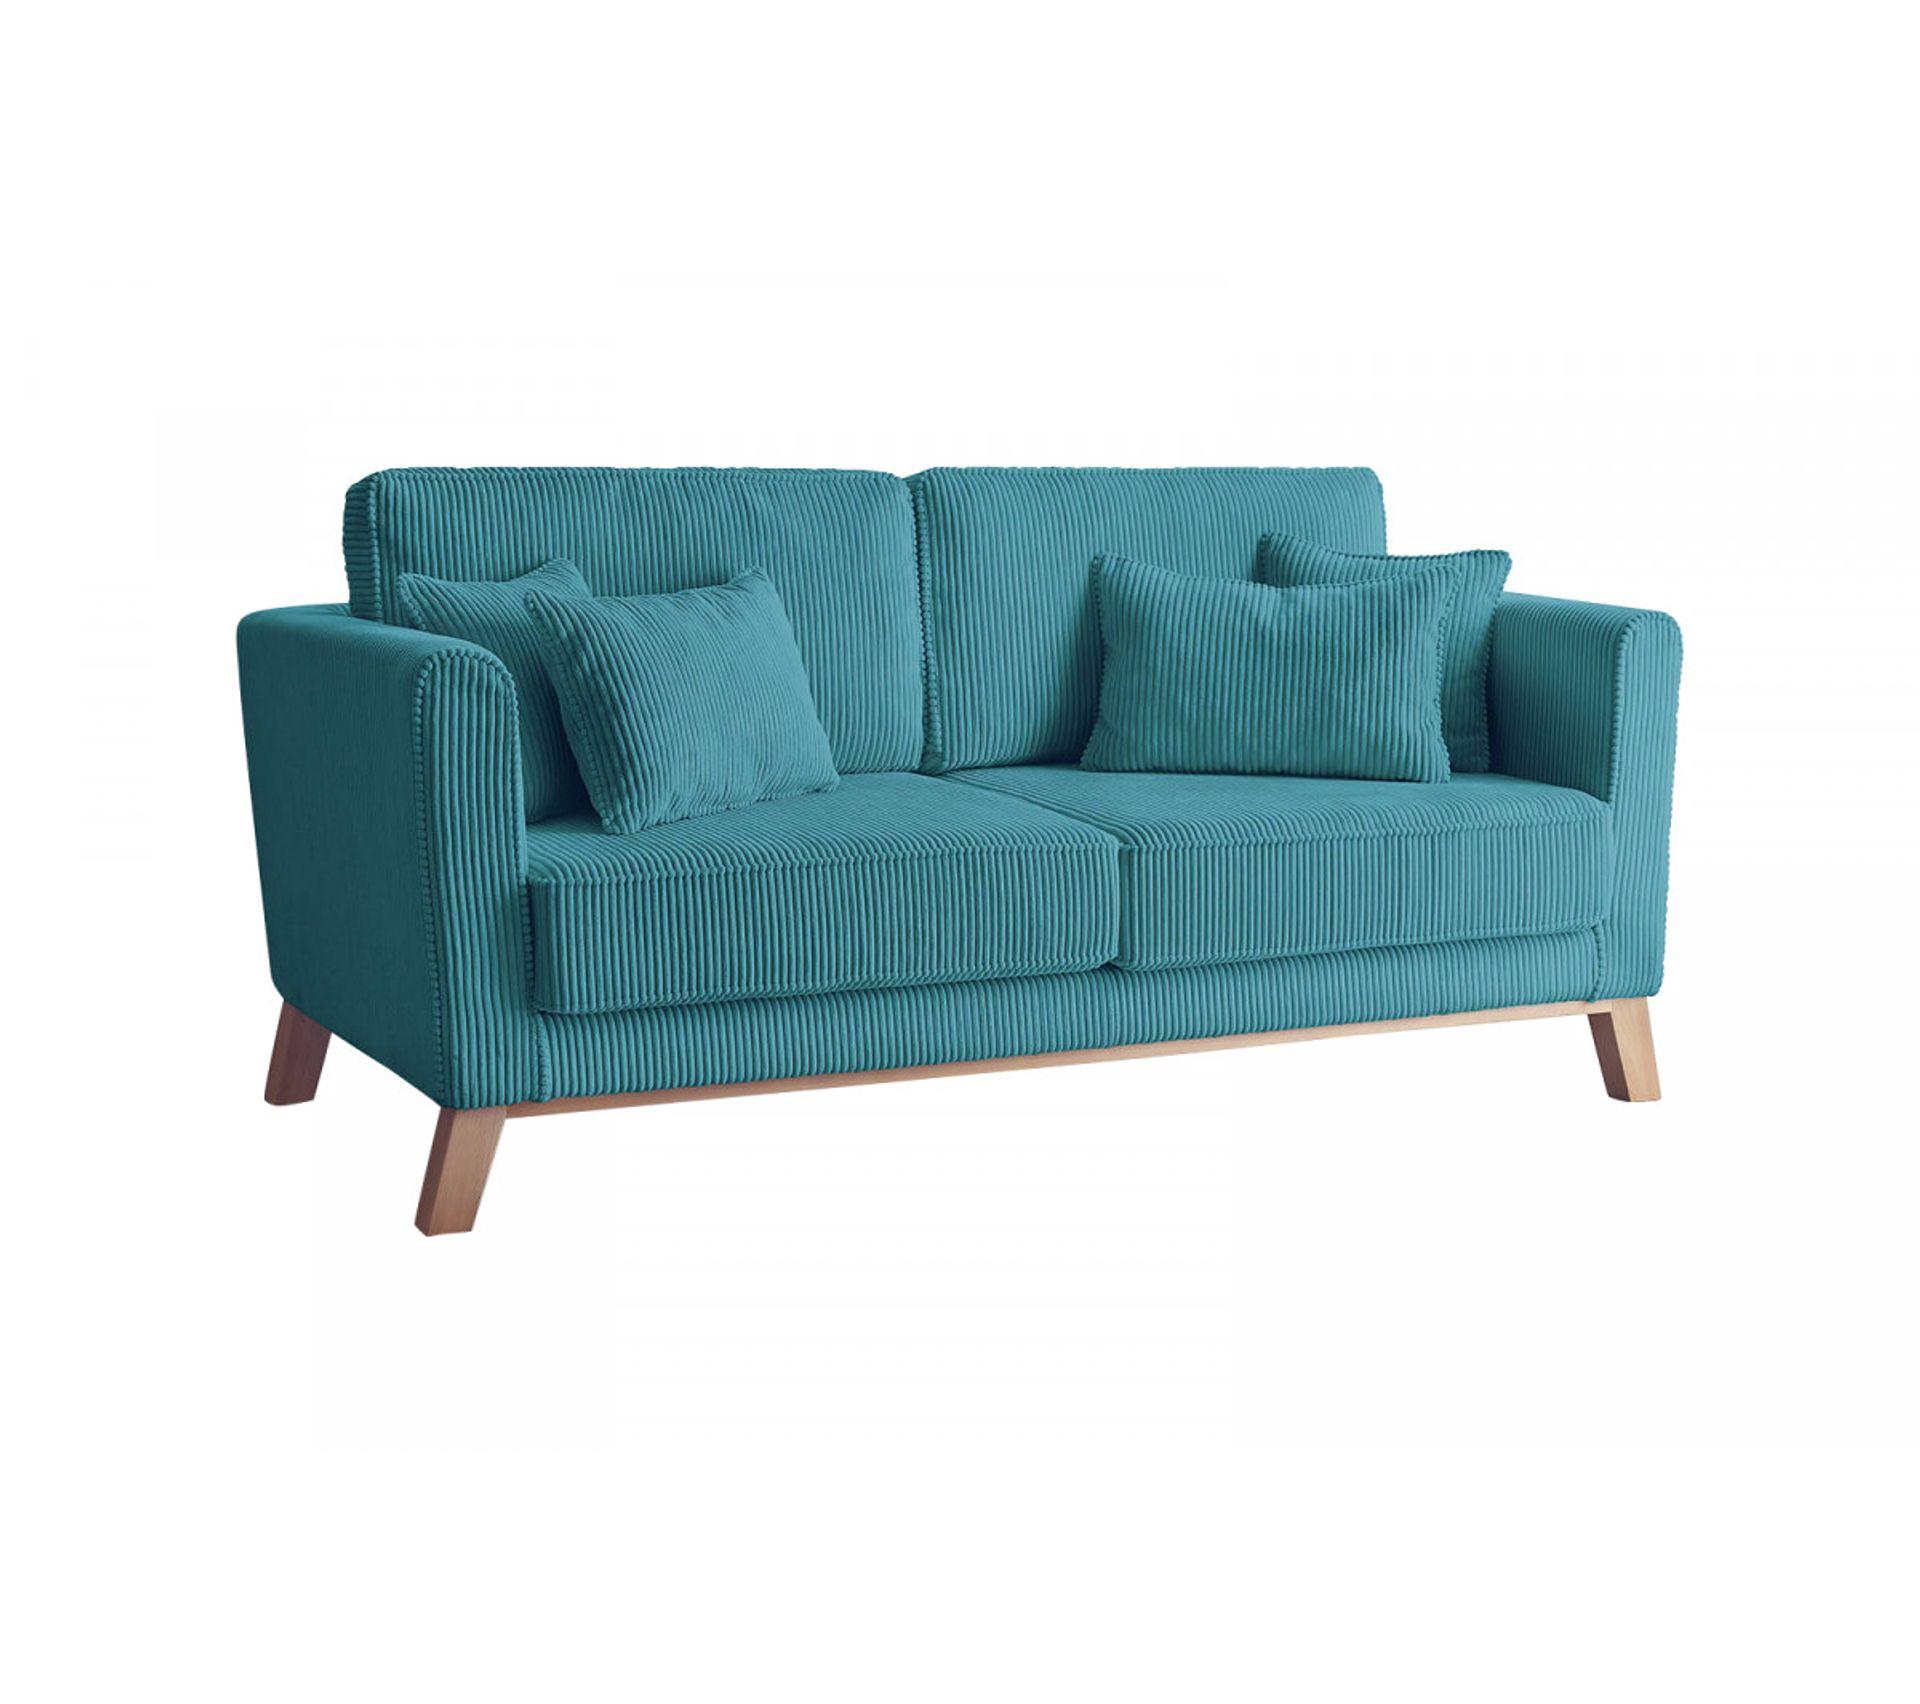 Canapé En Velours Cotelé bobochic canapé droit velours côtelé doblo bleu canard